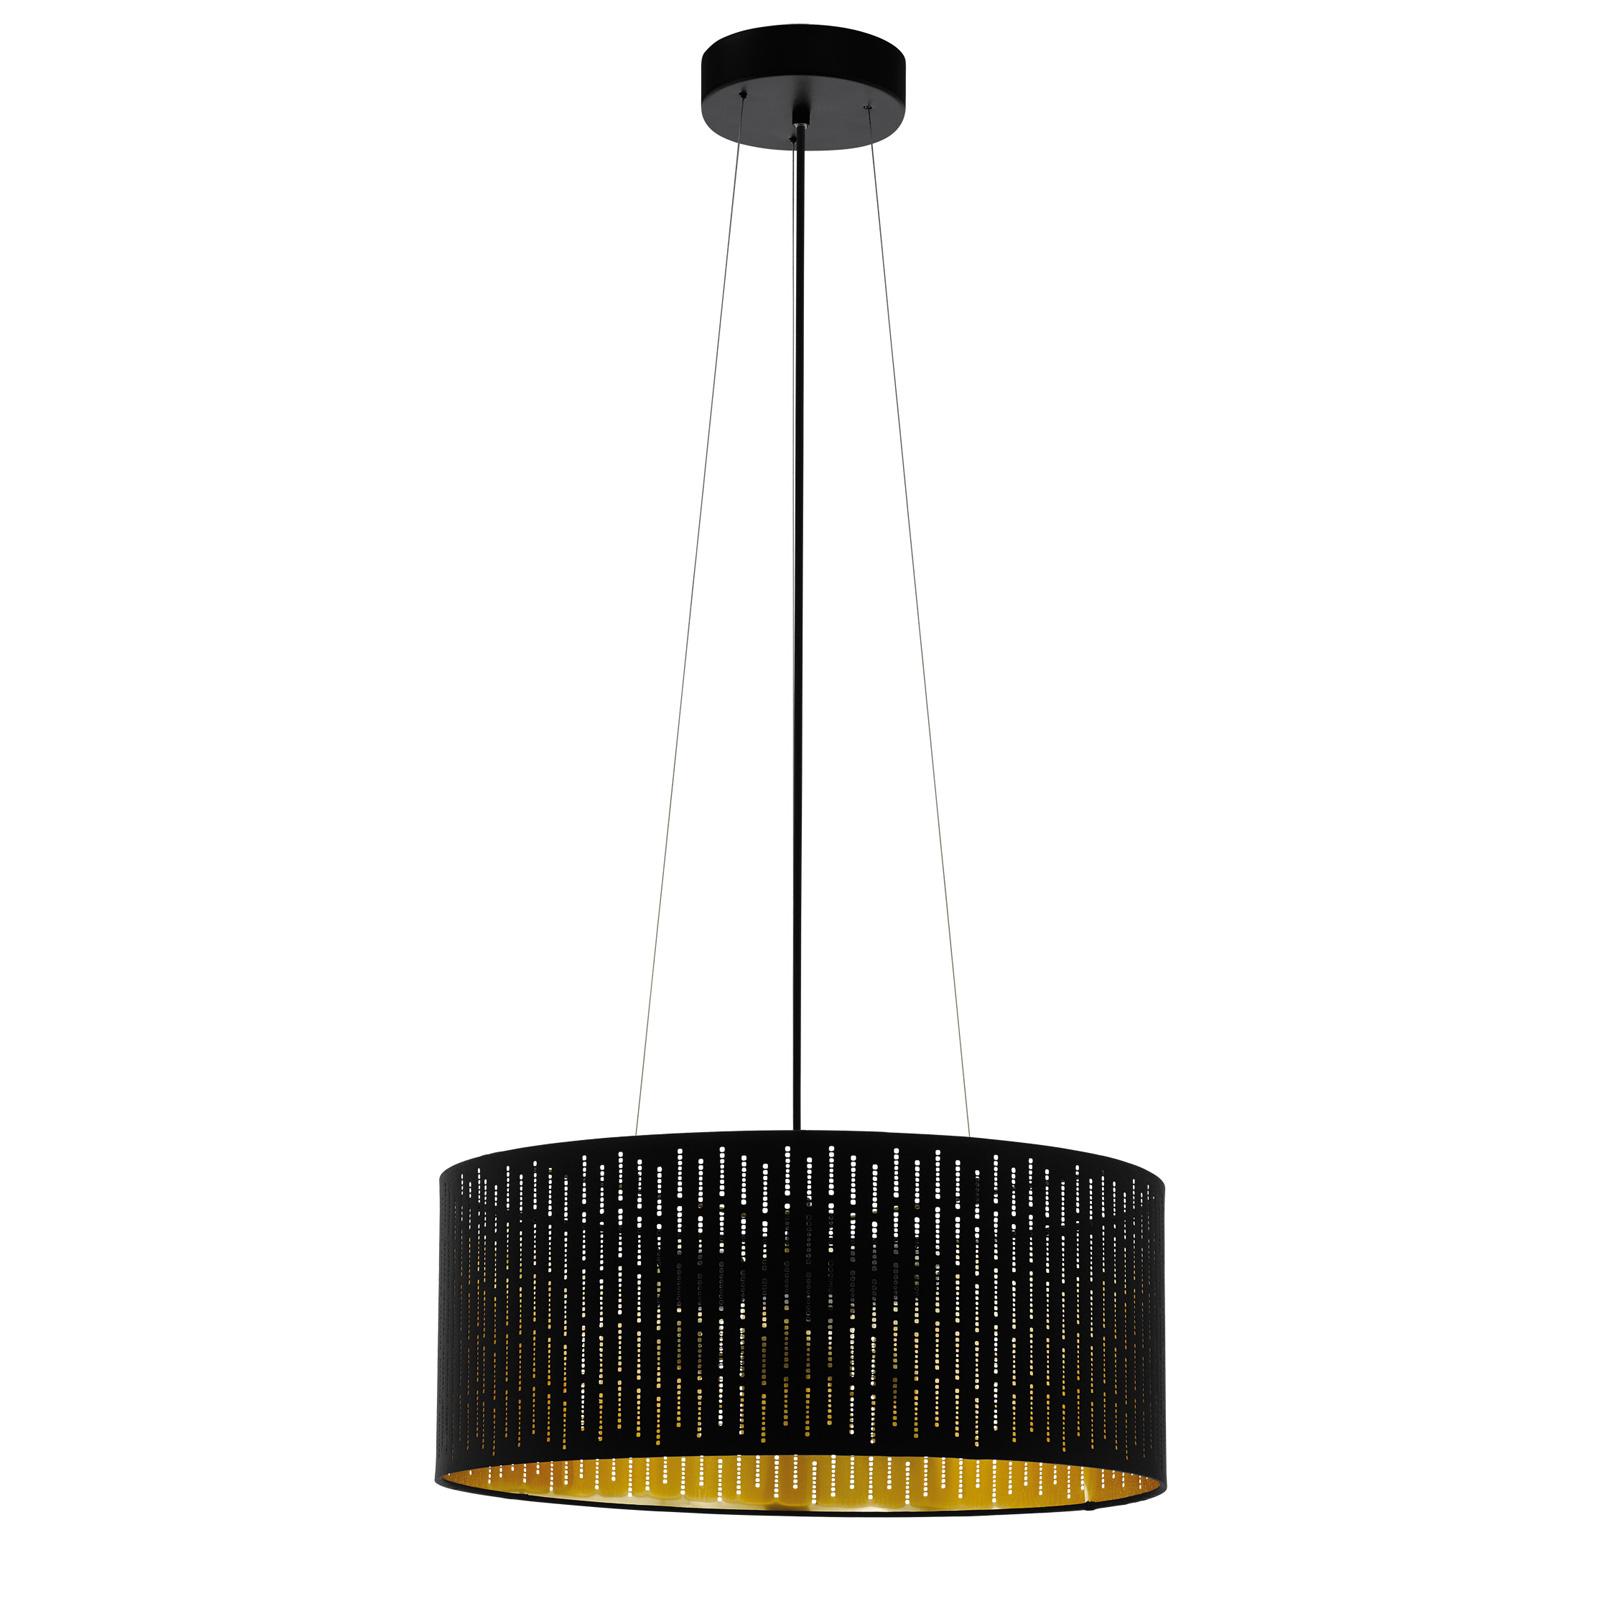 Lampa wisząca Varillas czarna/złota, 53 cm